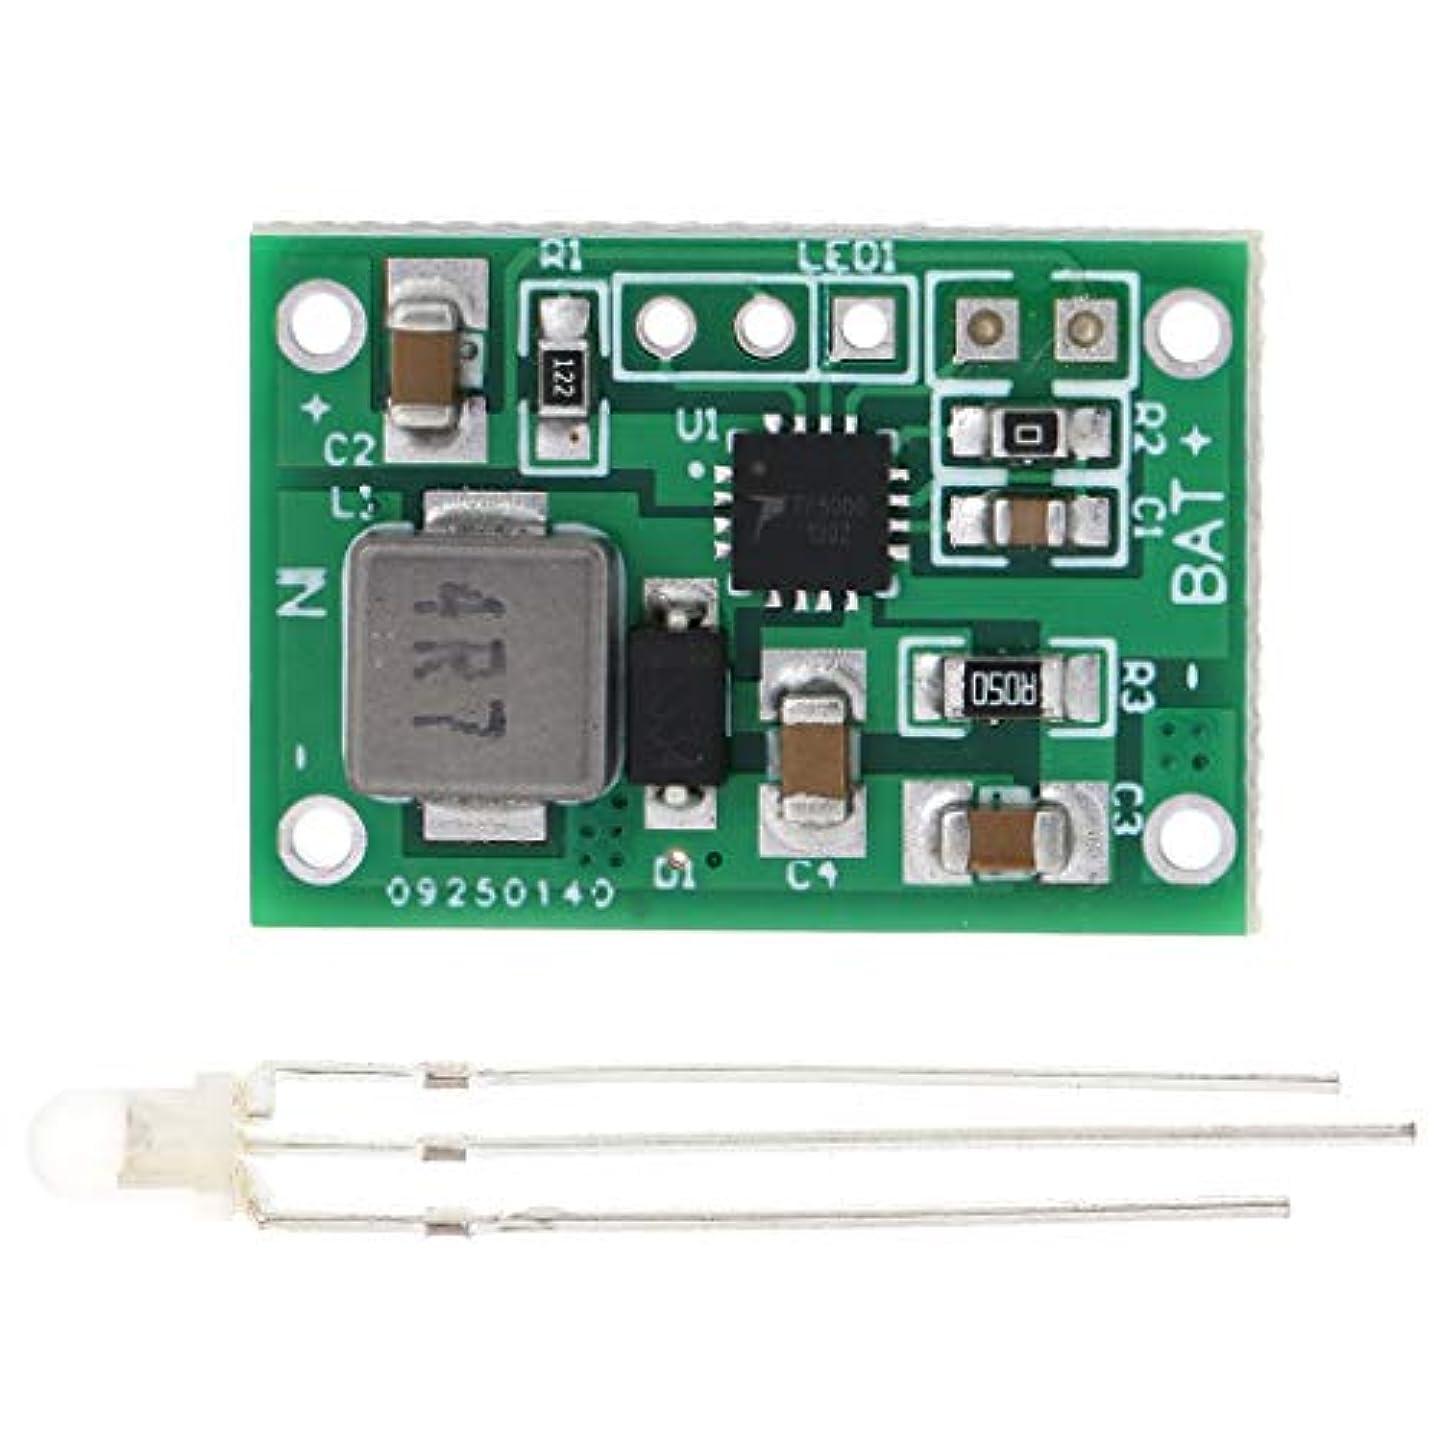 上ありがたい試すLANDUM TP5000 3.6 v / 4.2 v 2A充電ボード3.7 vリチウム3.2 v LiFePO 4バッテリー充電